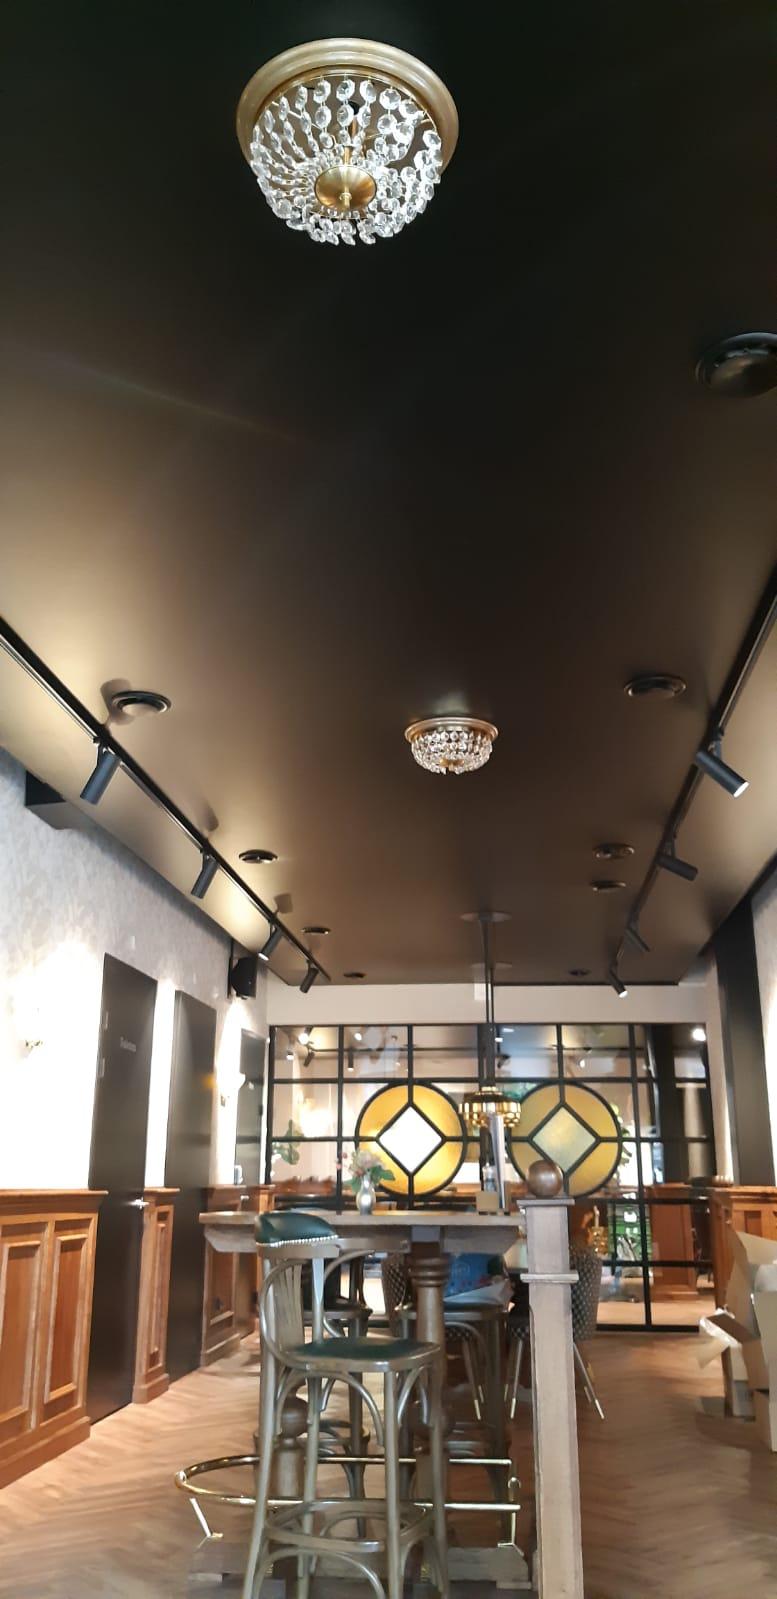 mooie spanplafond voor cafe's en restaurants